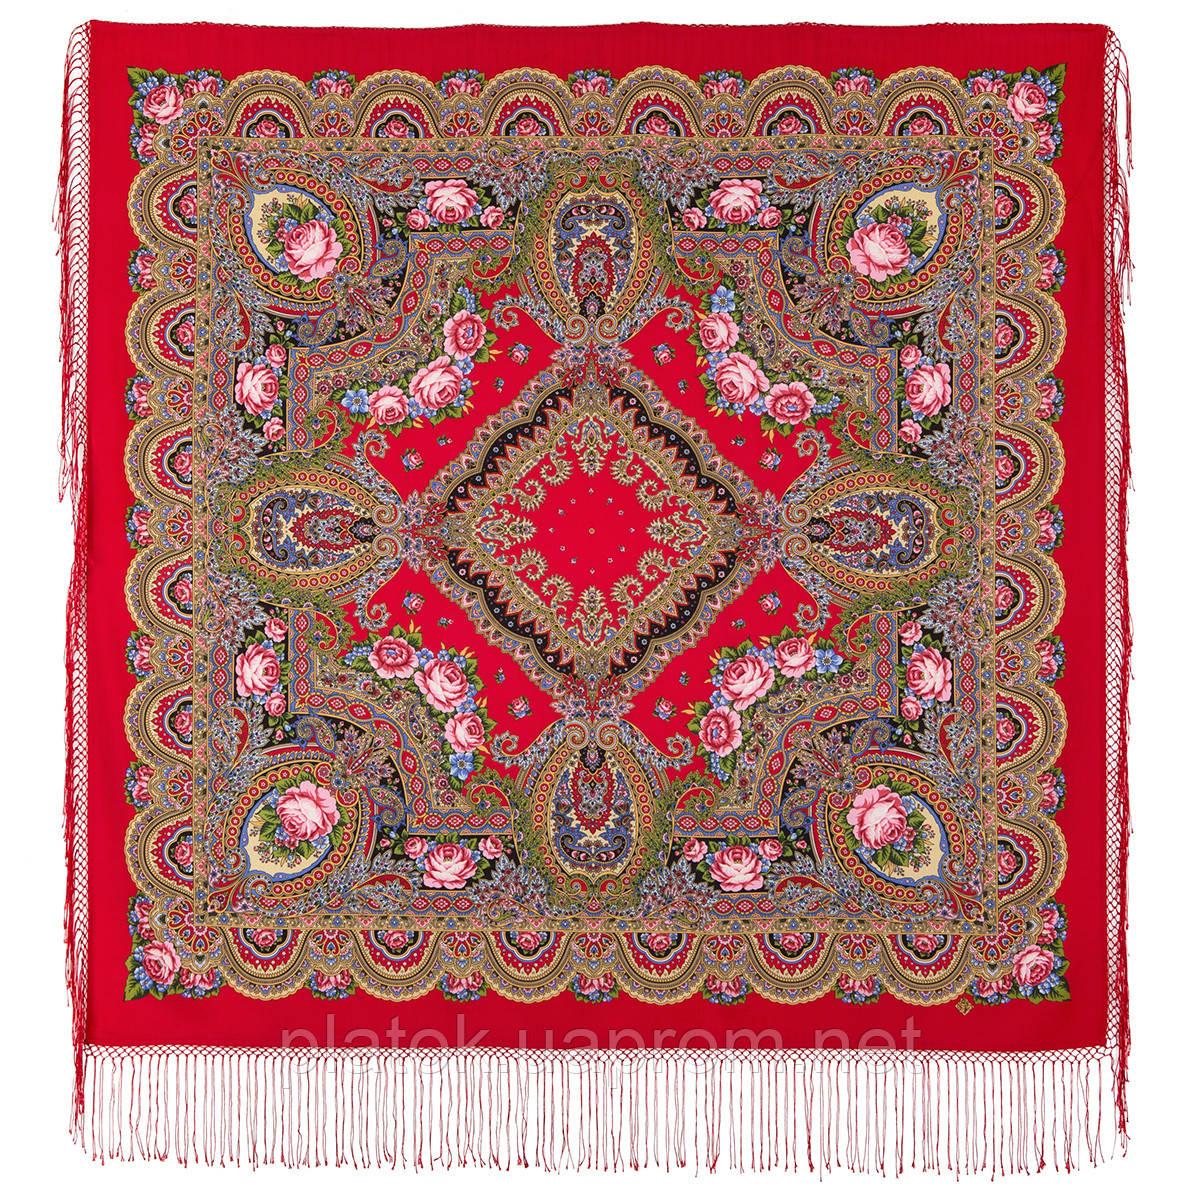 Русское раздолье 1619-5, павлопосадский платок шерстяной (двуниточная шерсть) с шелковой бахромой